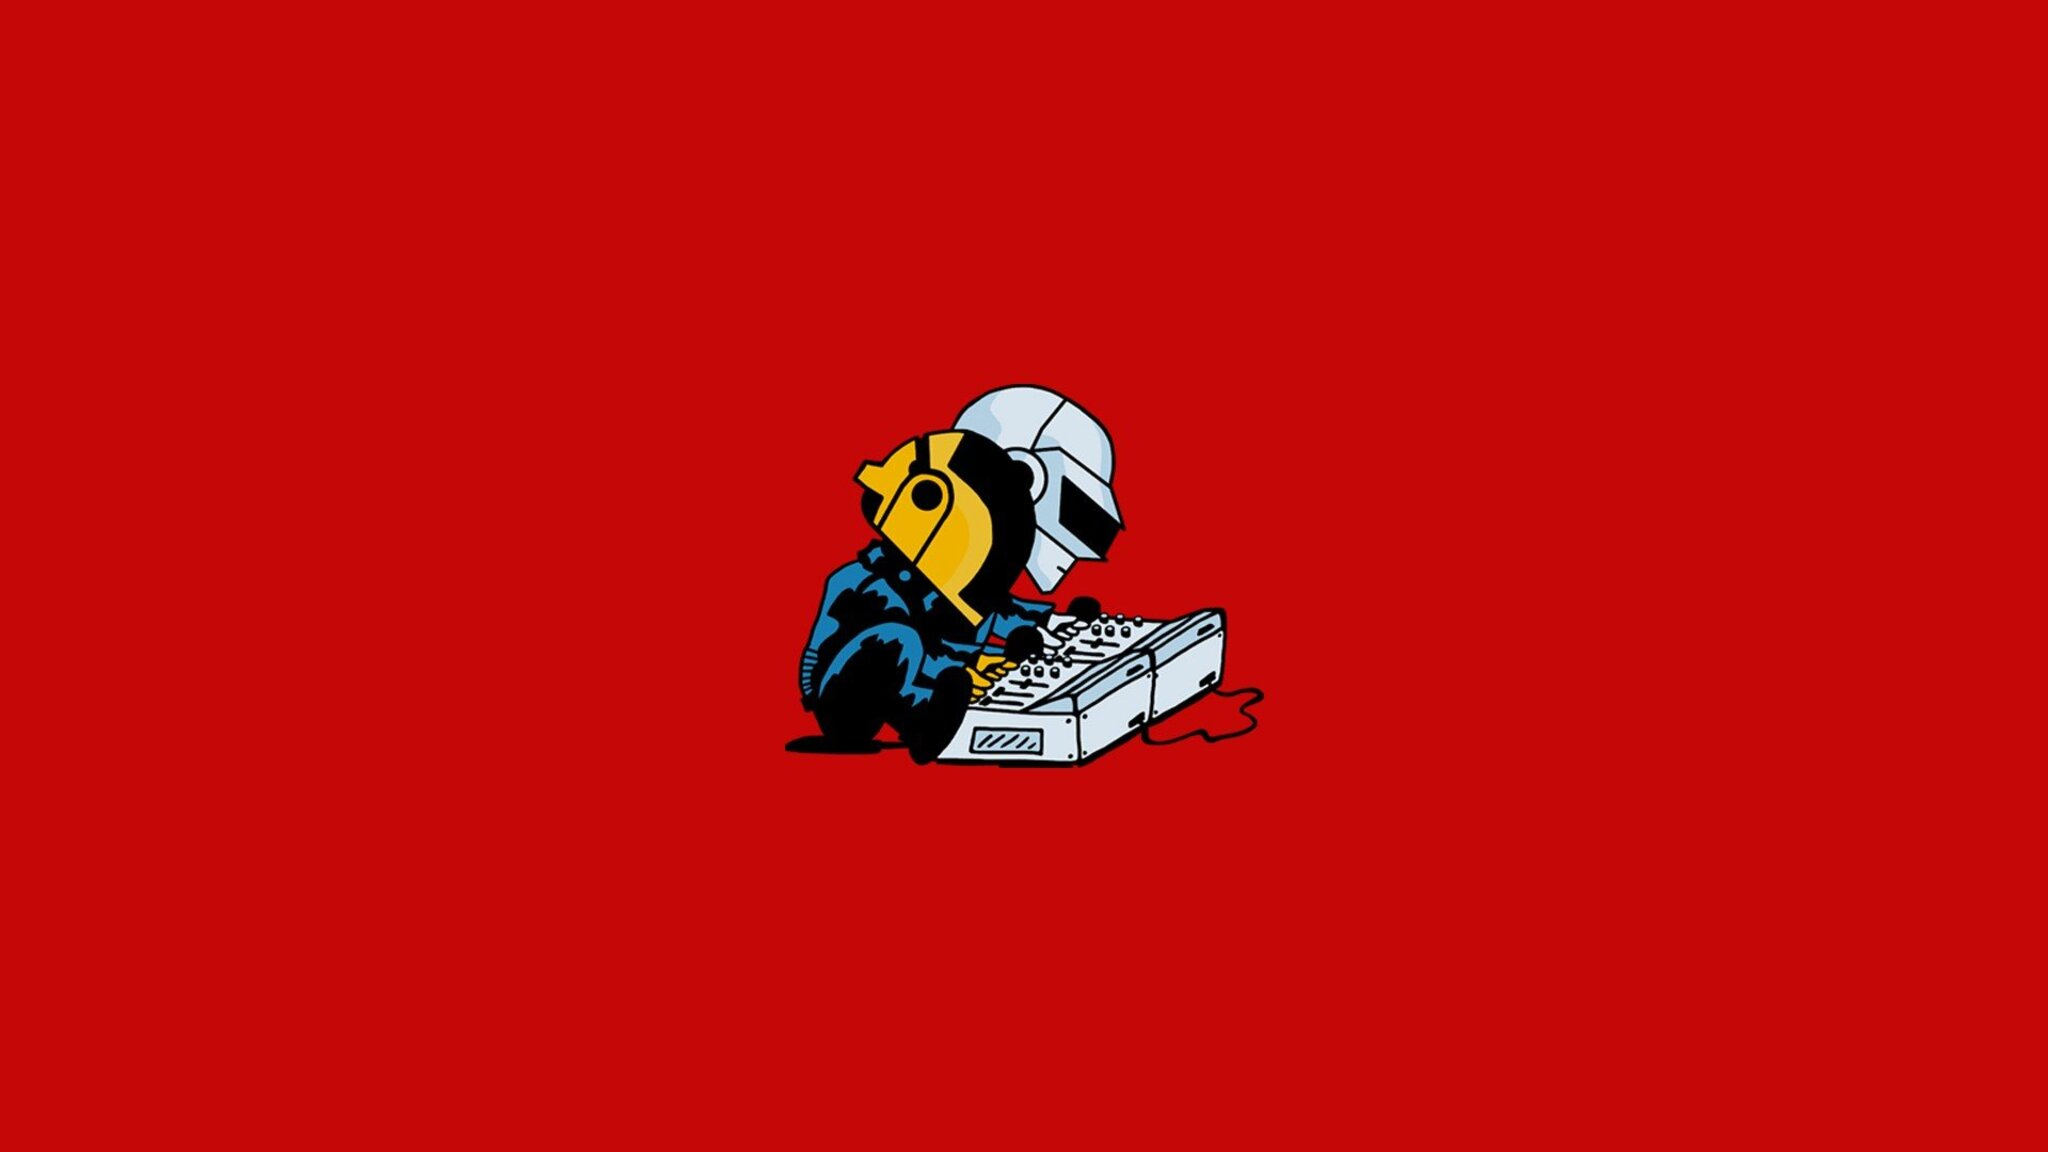 2048x1152 Daft Punk Minimalism 2048x1152 Resolution HD 4k ...